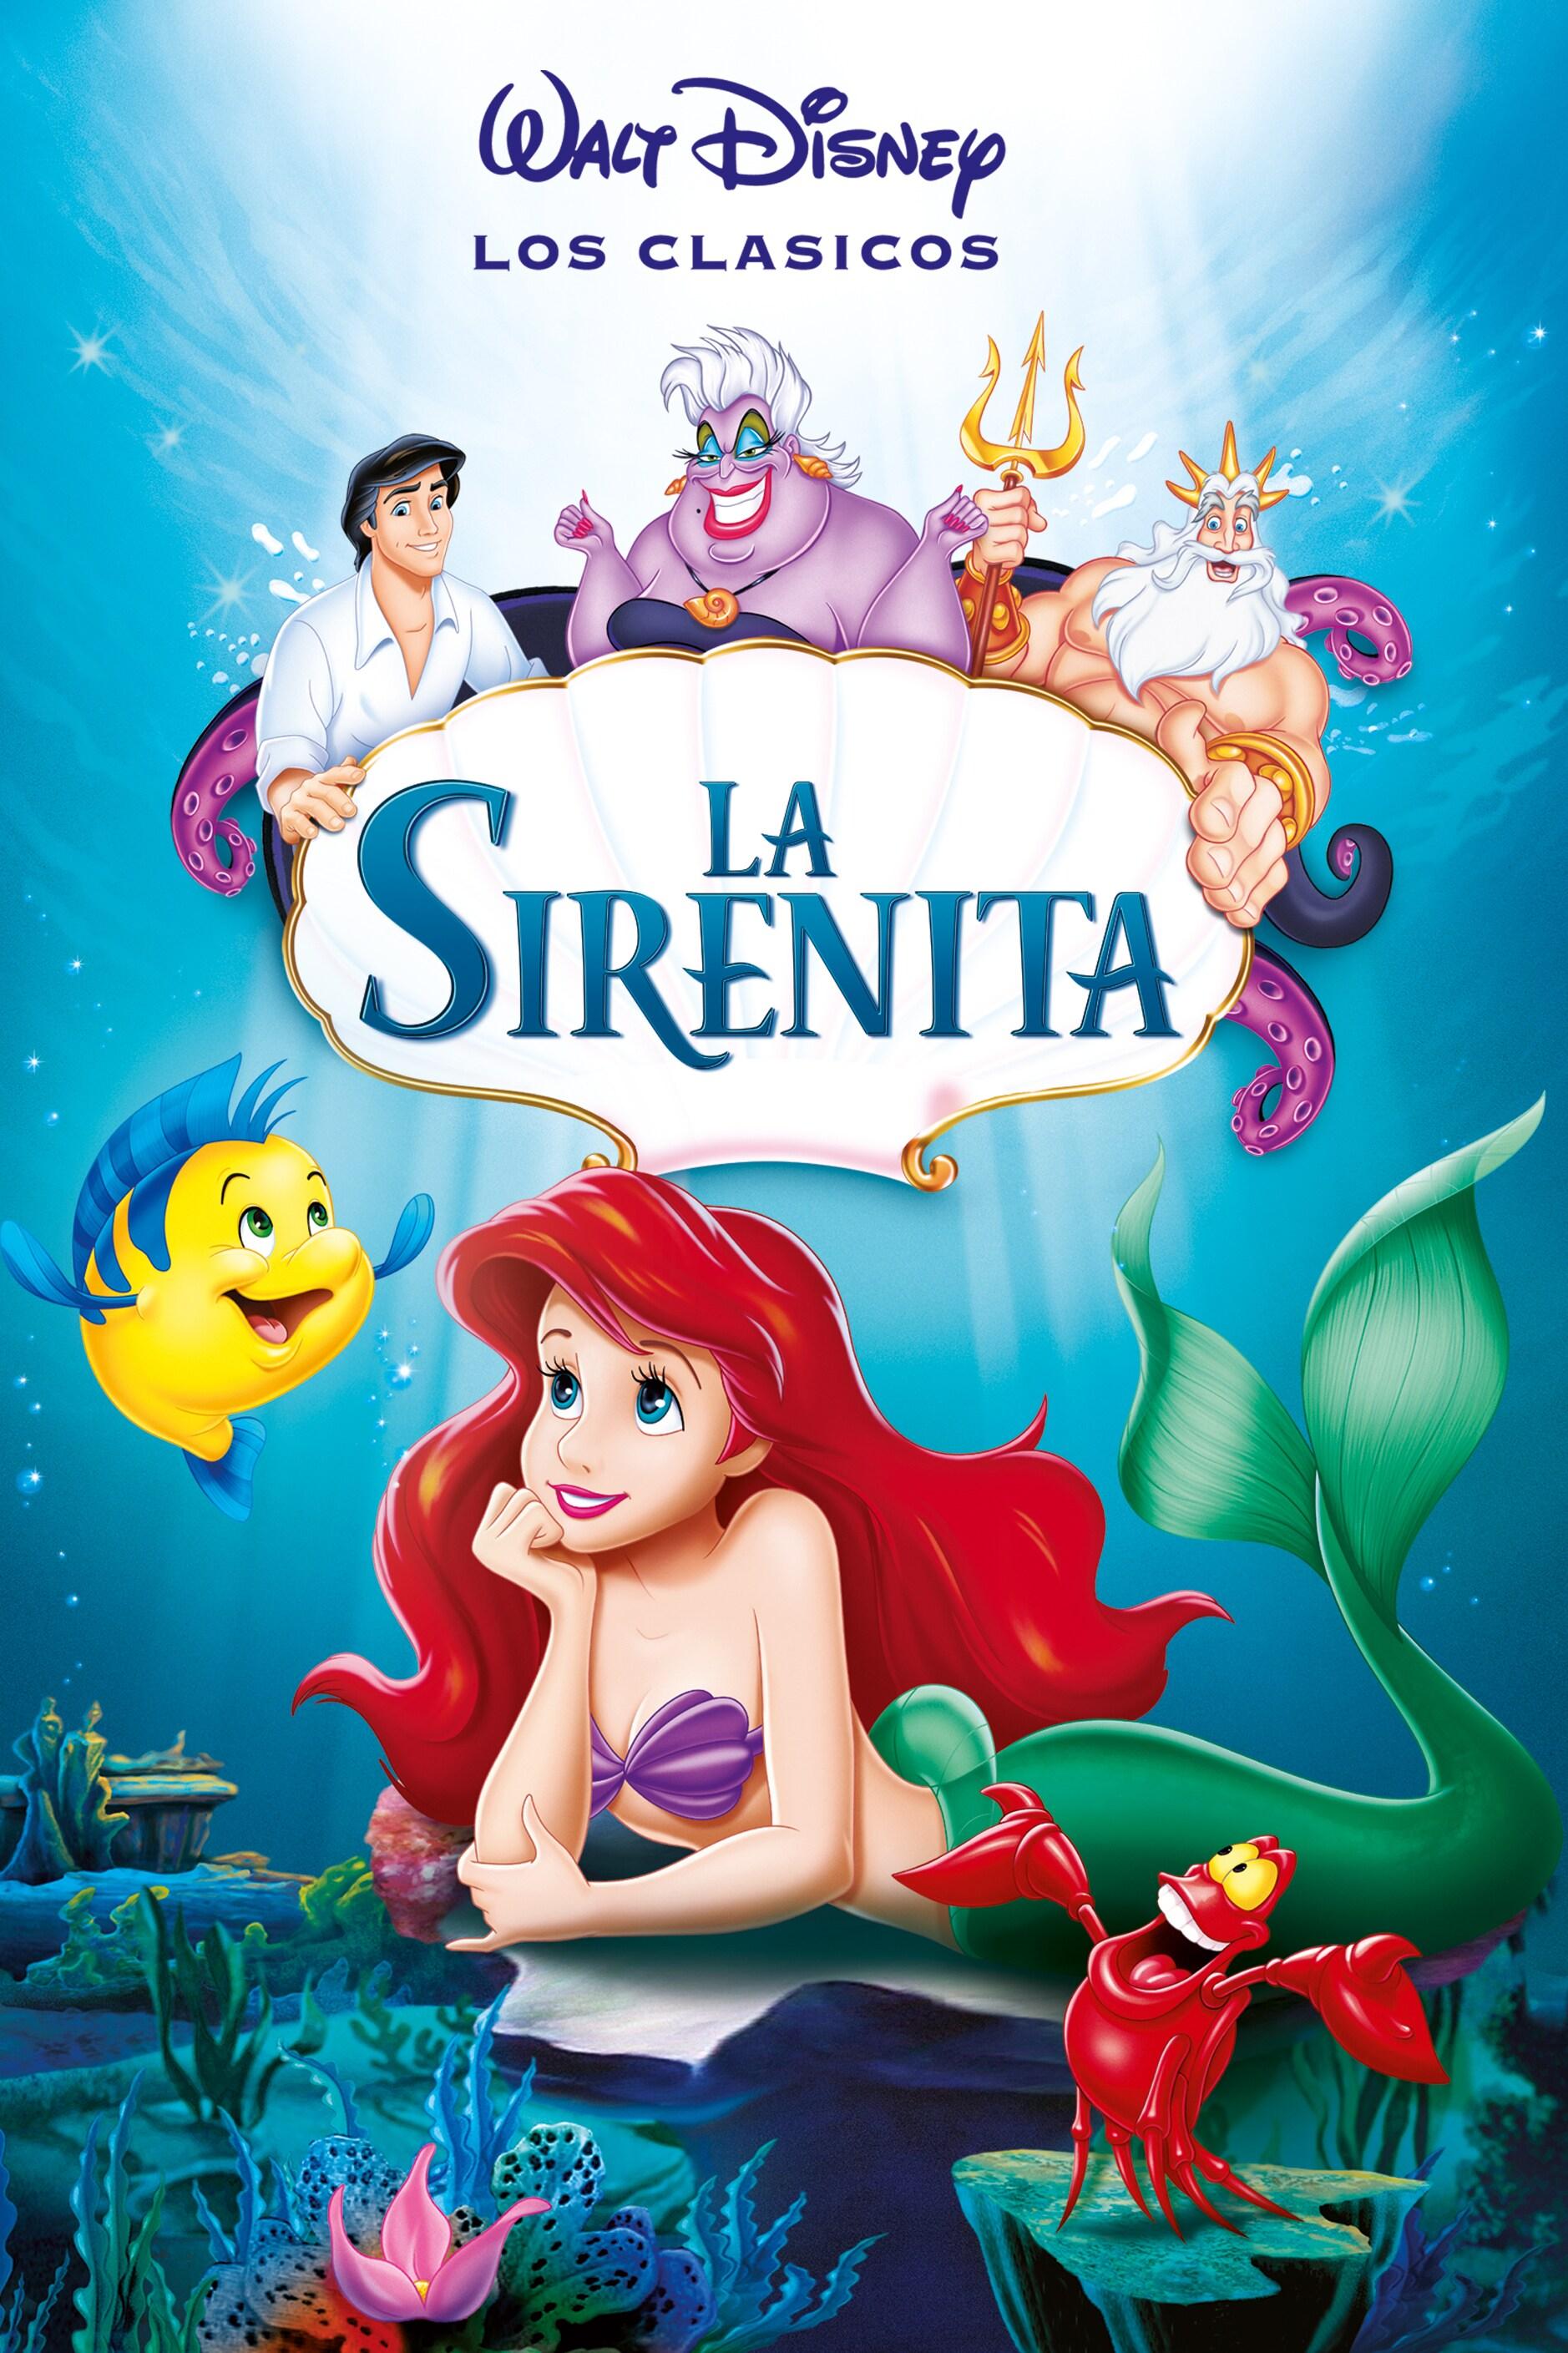 póster de La sirenita